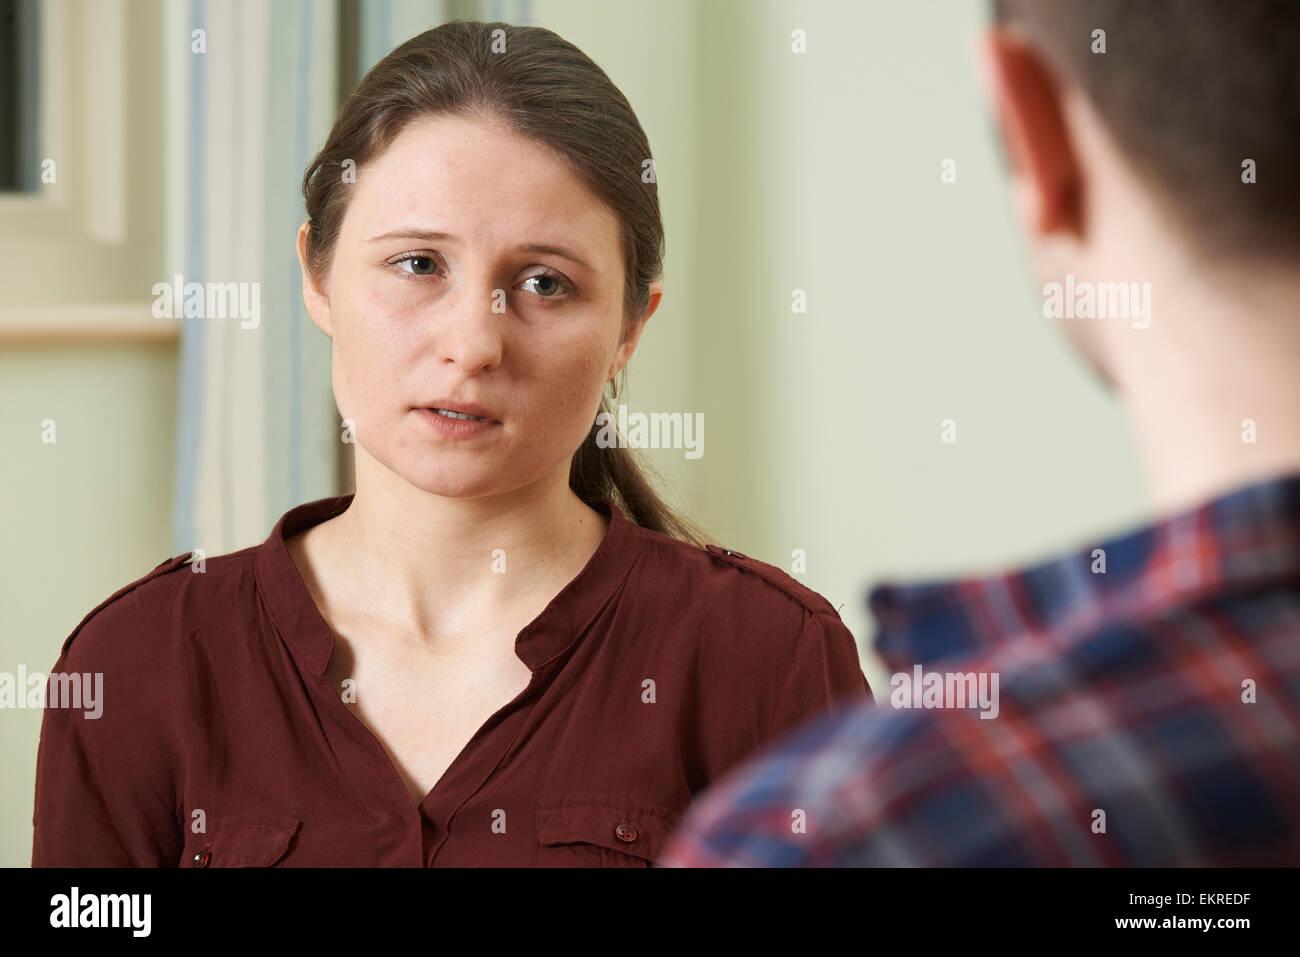 Premuto Giovane Donna che parla al Consigliere Immagini Stock